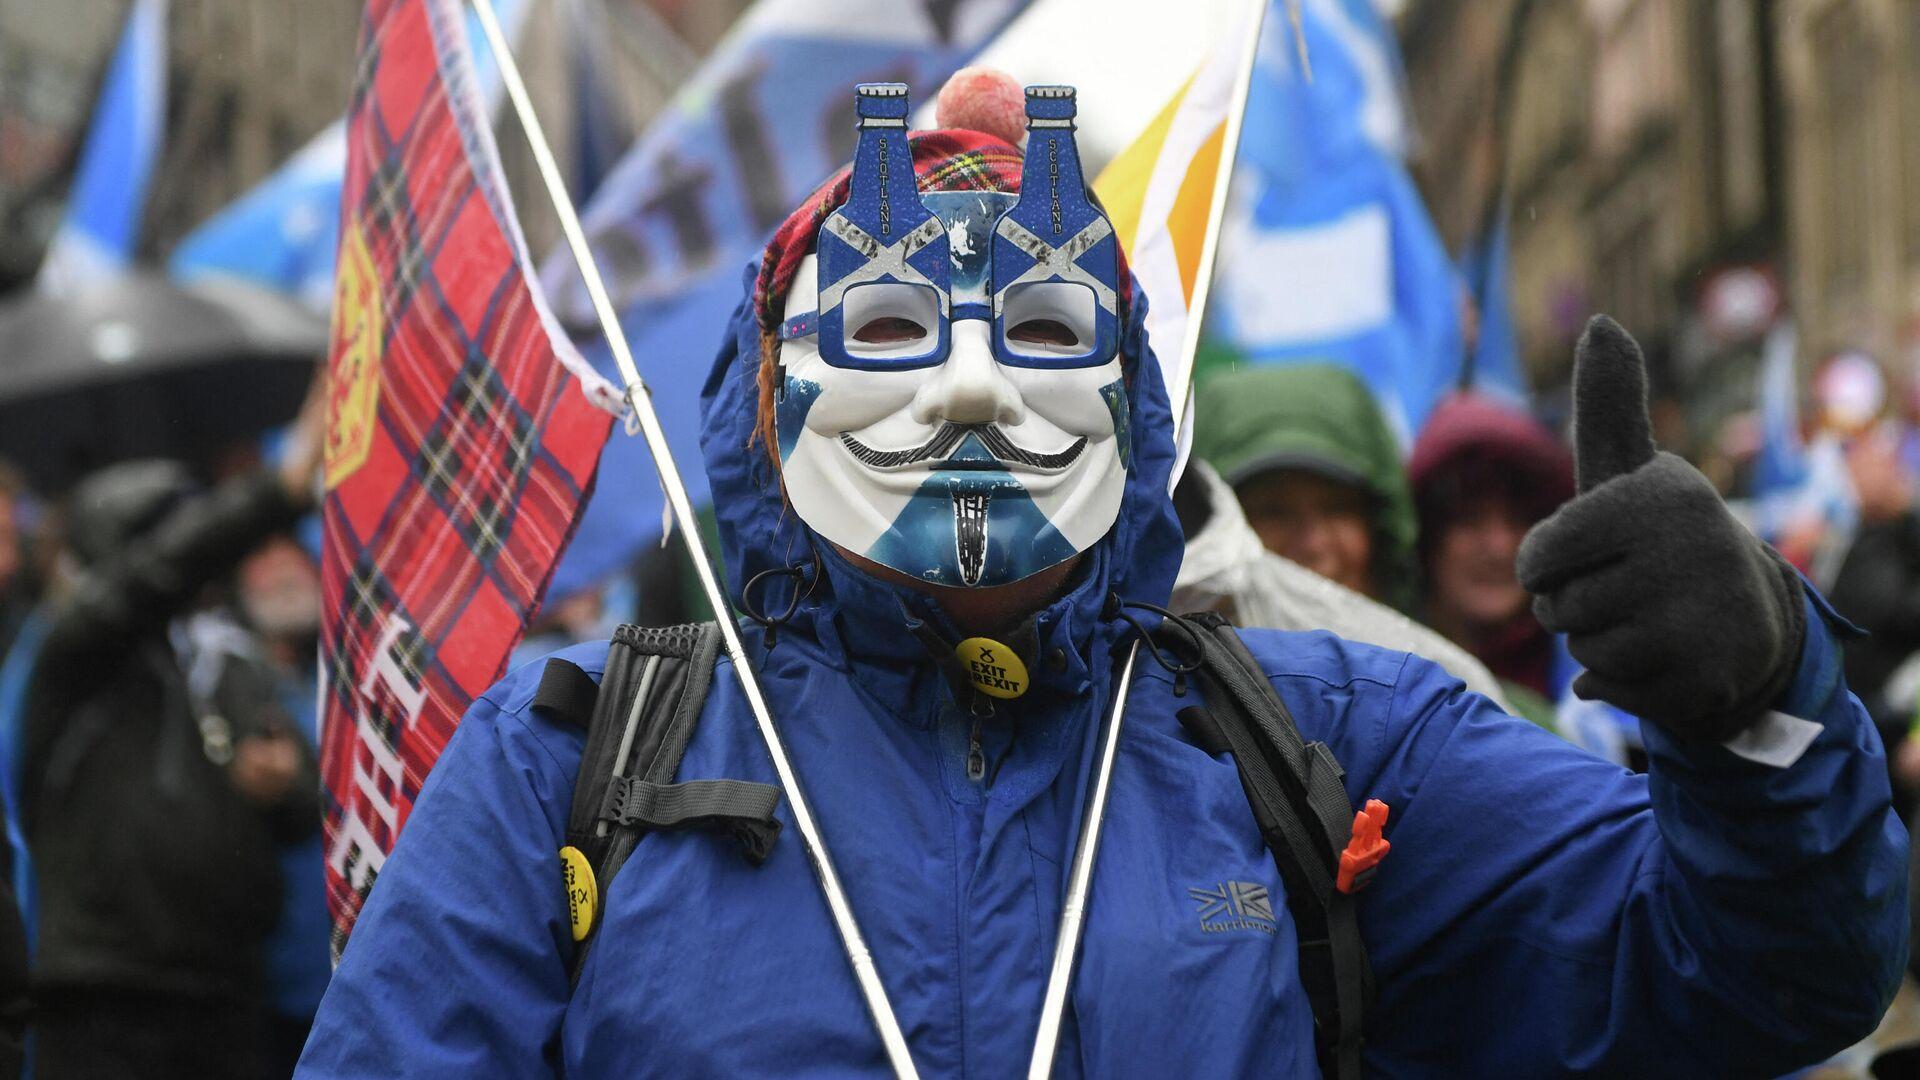 Сторонник независимости Шотландии во время демонстрации в Глазго - РИА Новости, 1920, 10.05.2021